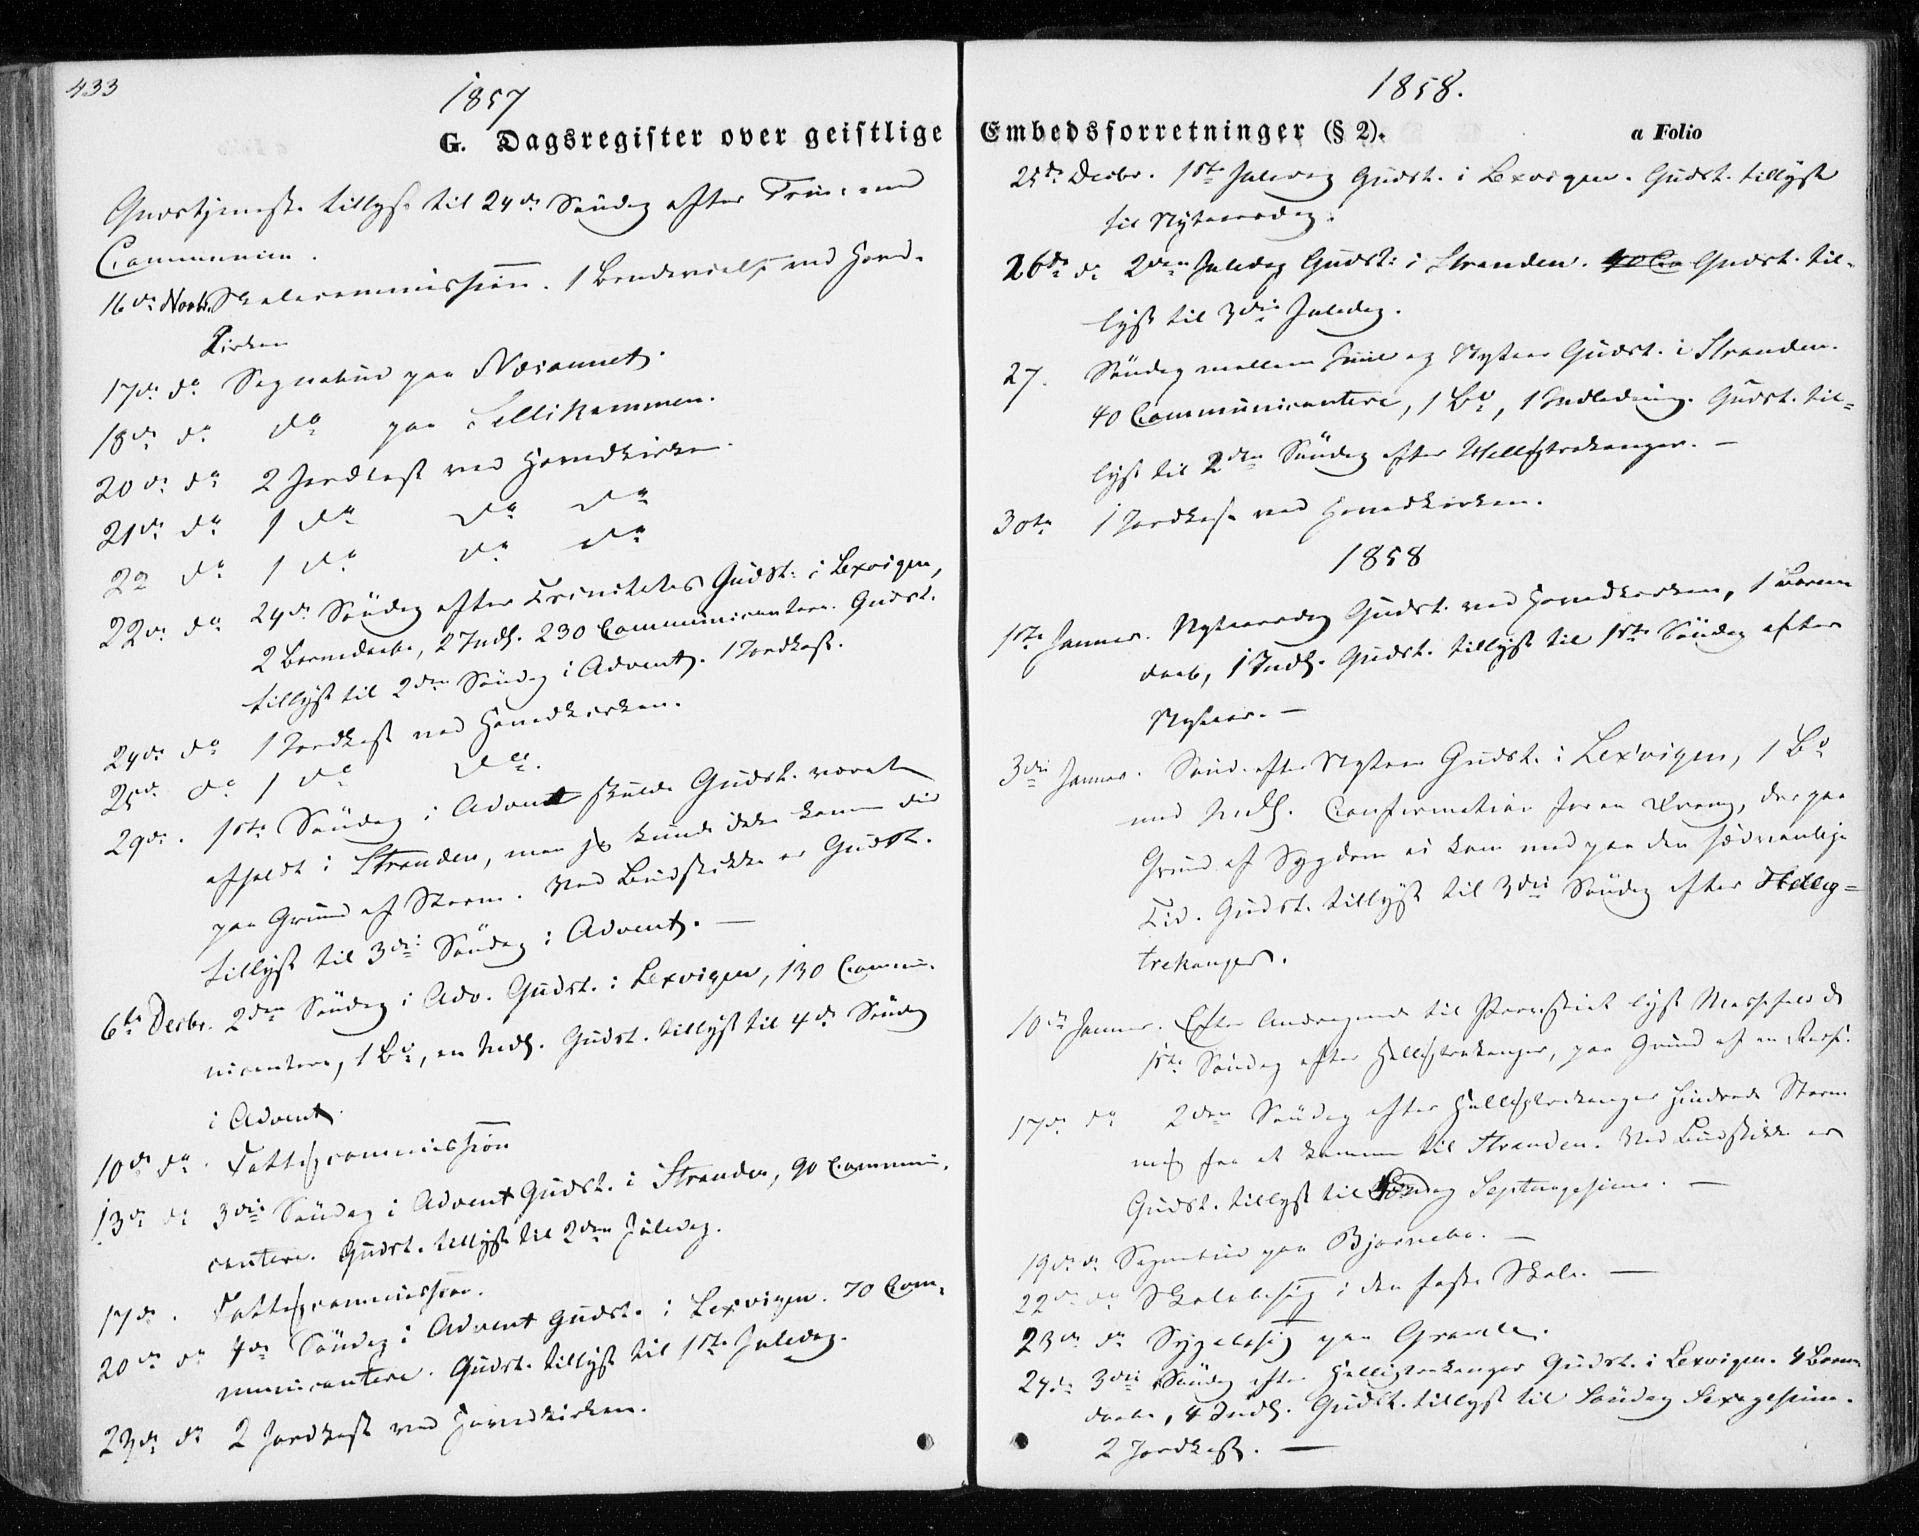 SAT, Ministerialprotokoller, klokkerbøker og fødselsregistre - Nord-Trøndelag, 701/L0008: Ministerialbok nr. 701A08 /1, 1854-1863, s. 433